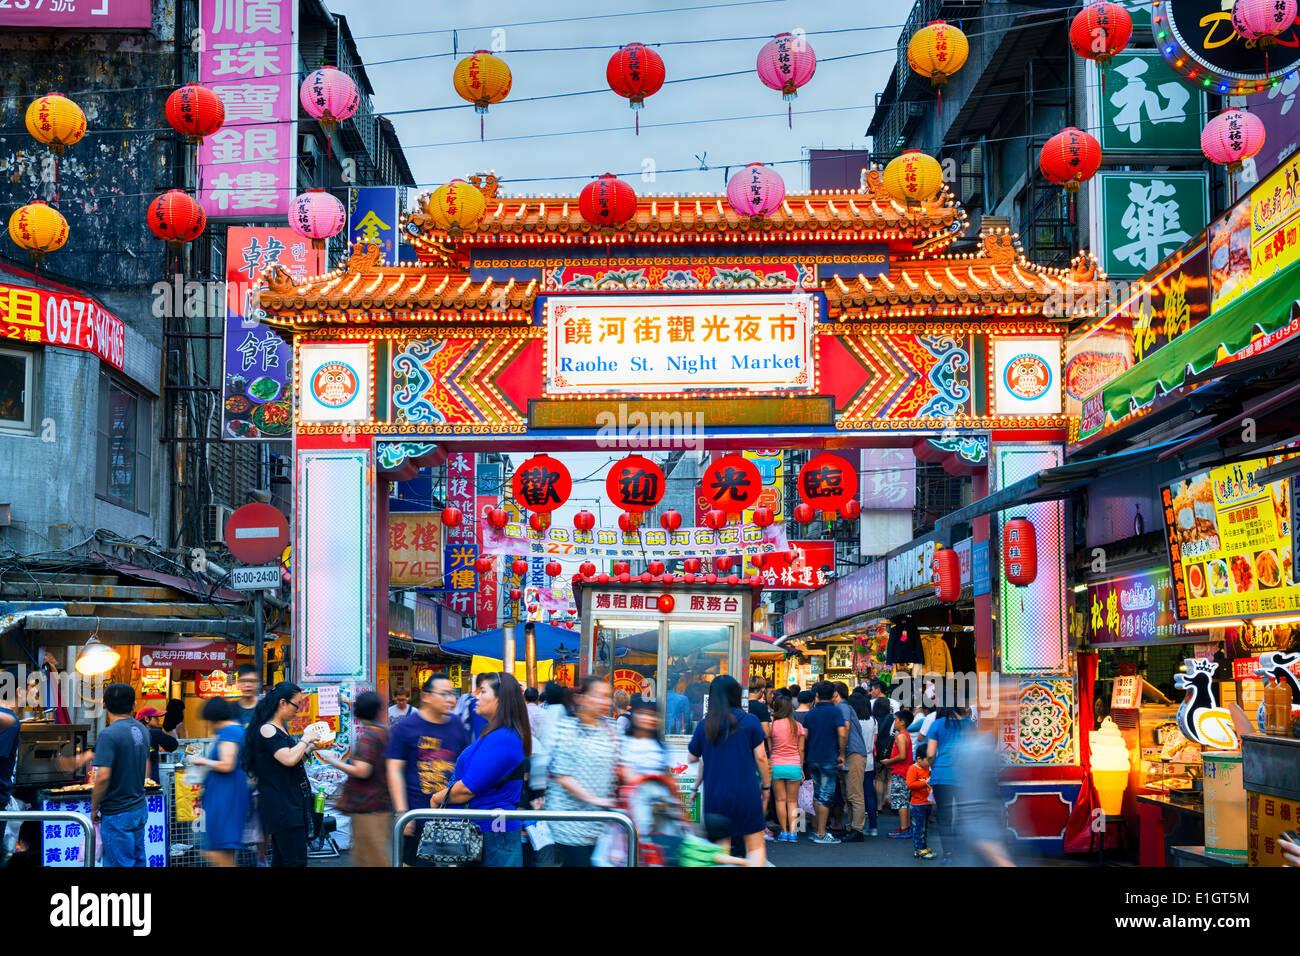 Entrada del Mercado Nocturno de la Calle Raohe en Taipei. Imagen De Stock